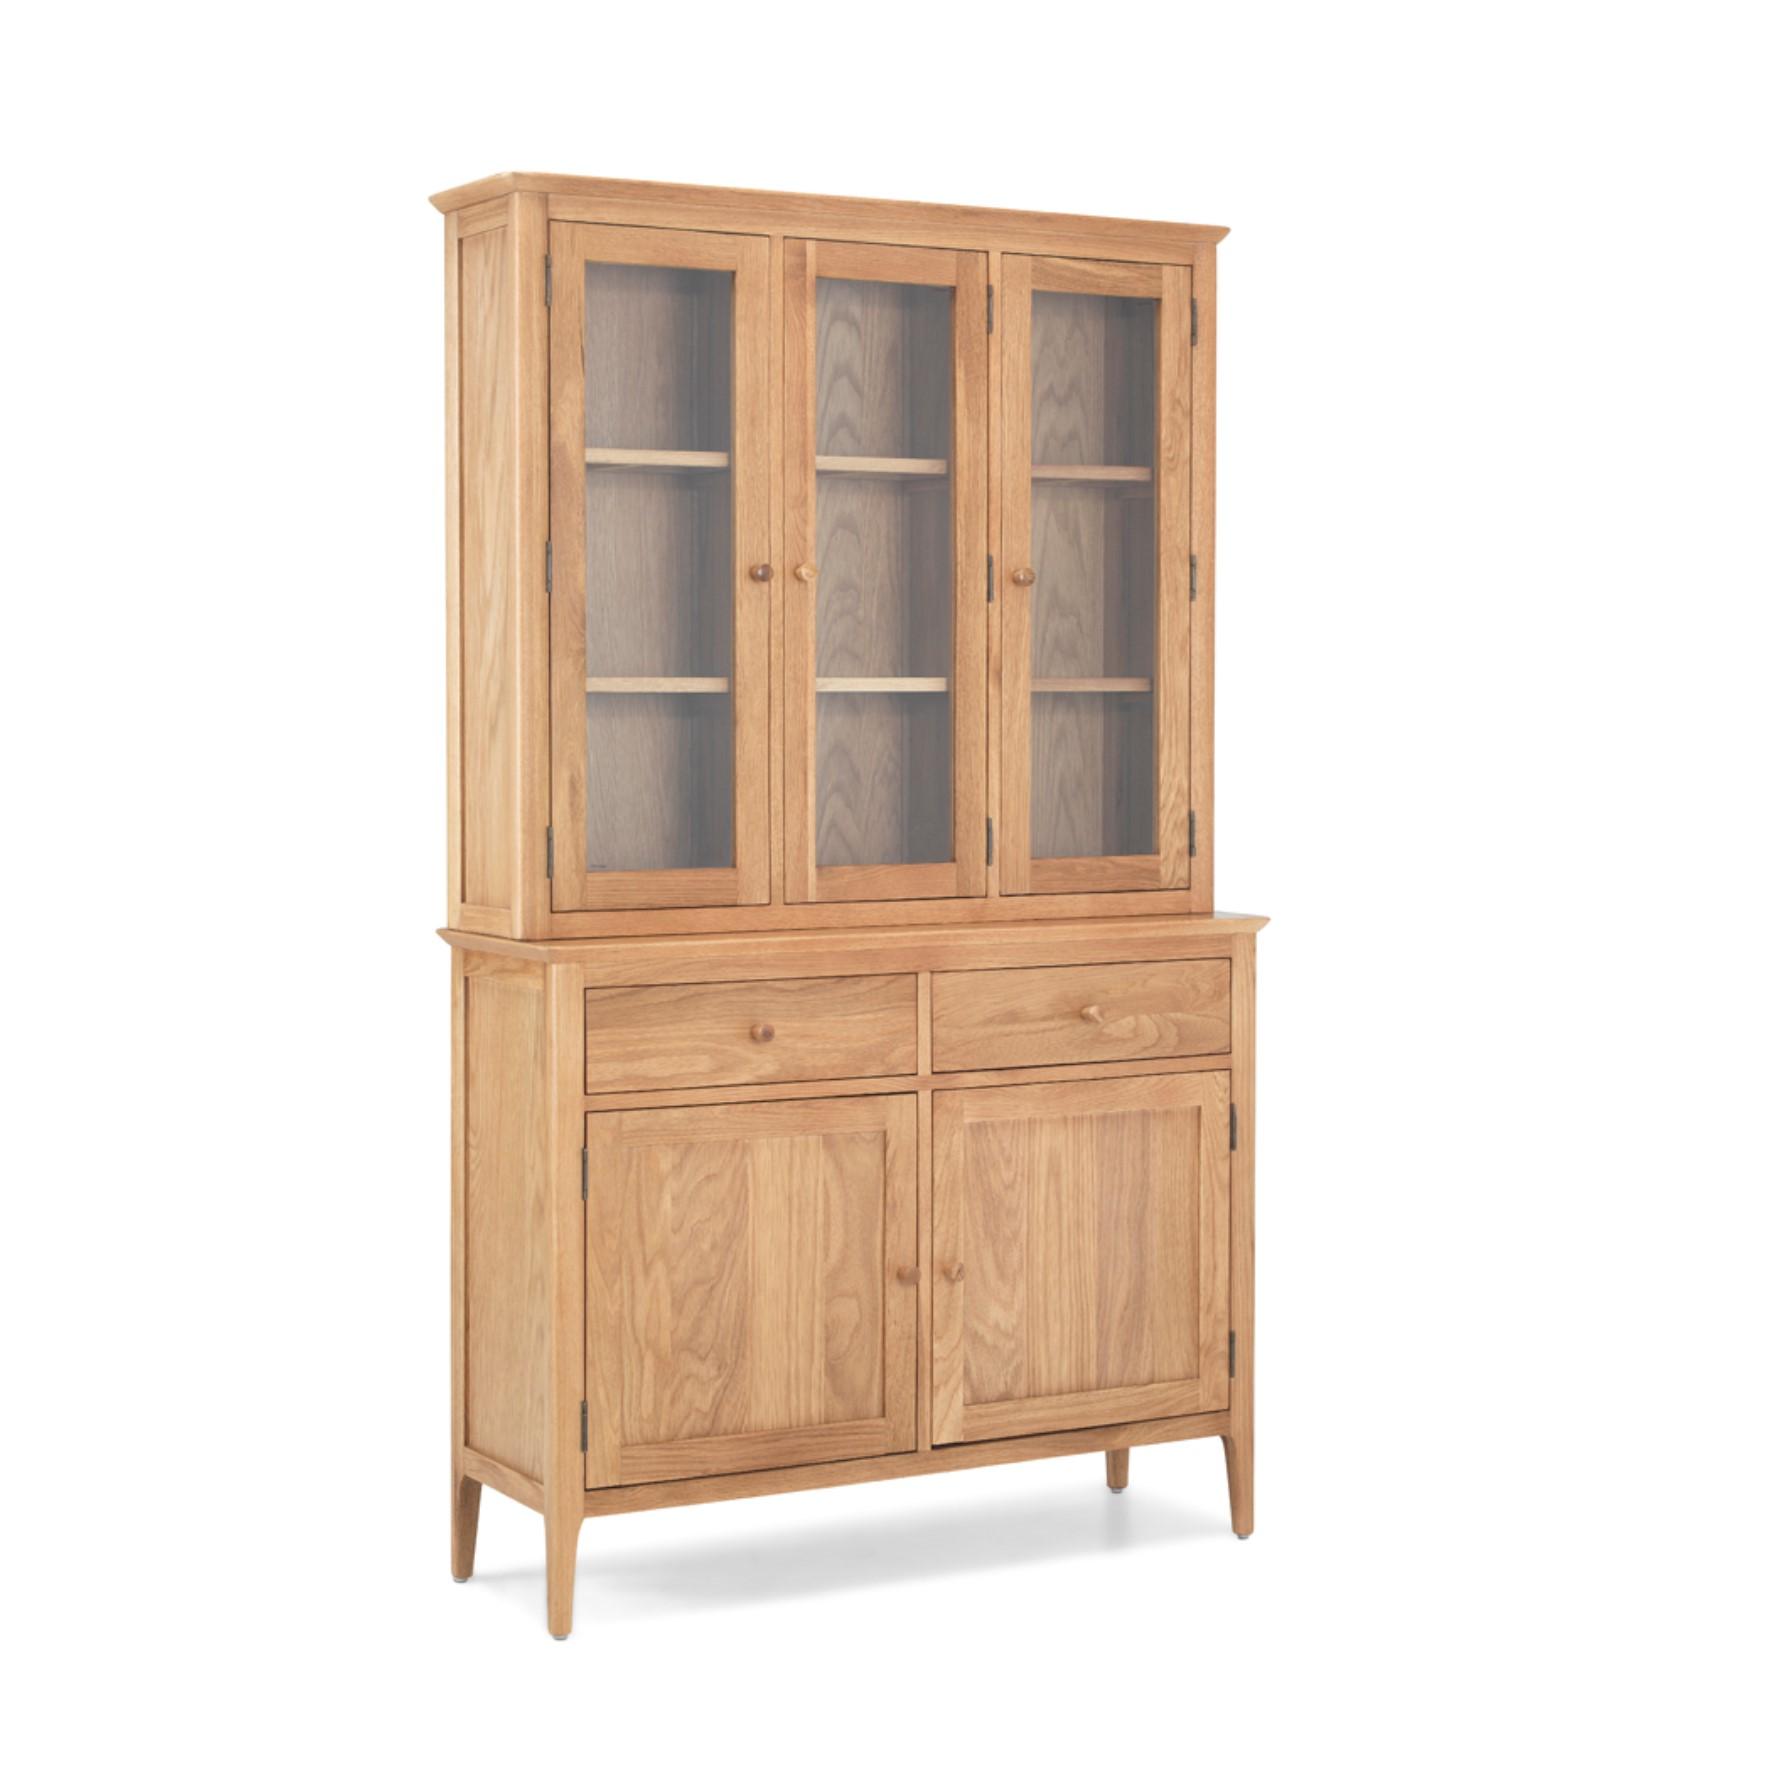 Stockholm Standard Dresser